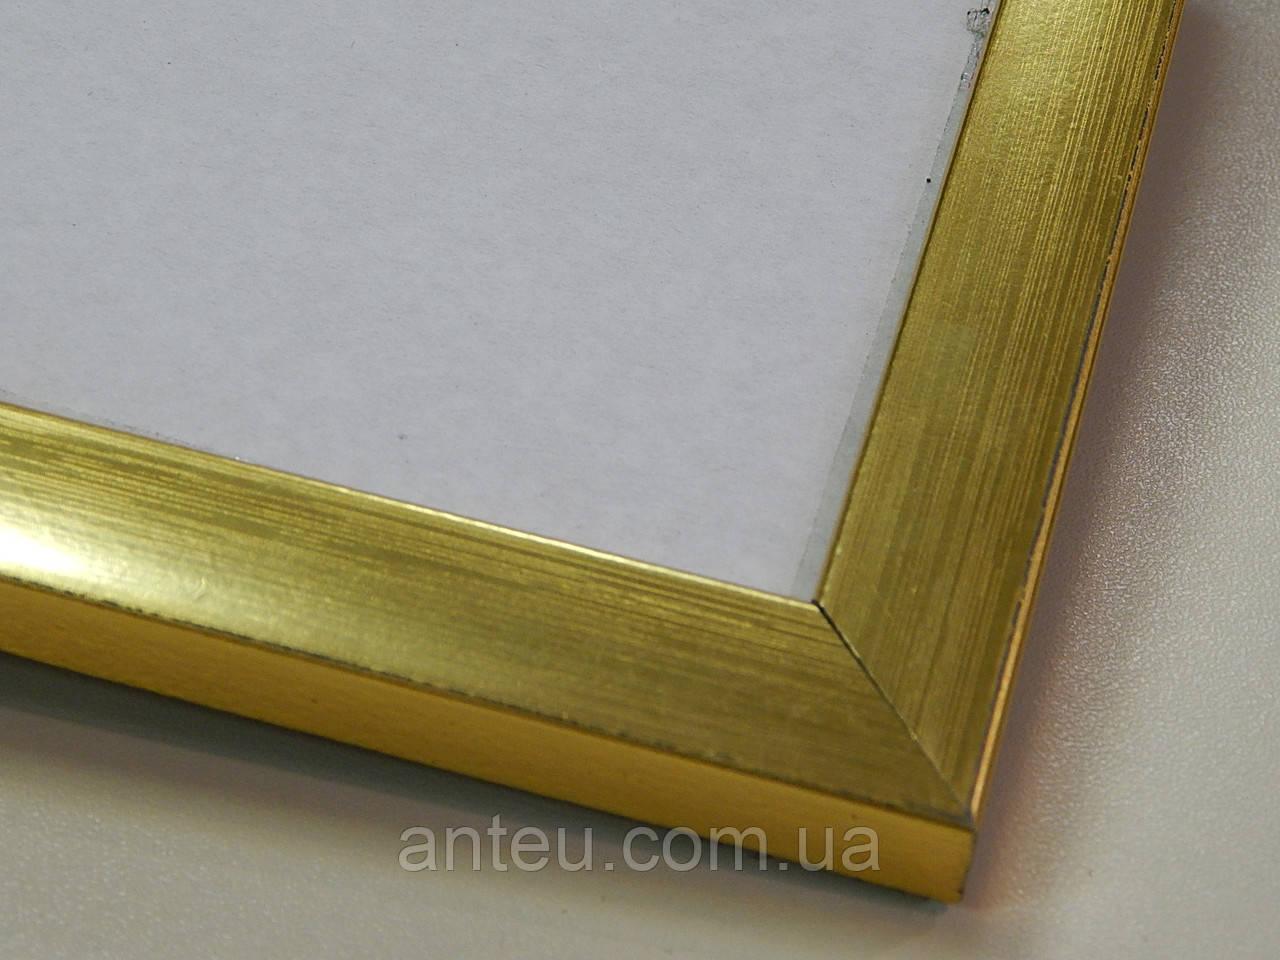 Рамка А3(297х420)Антибликовое стеклоПрофиль 16 мм.Золото.